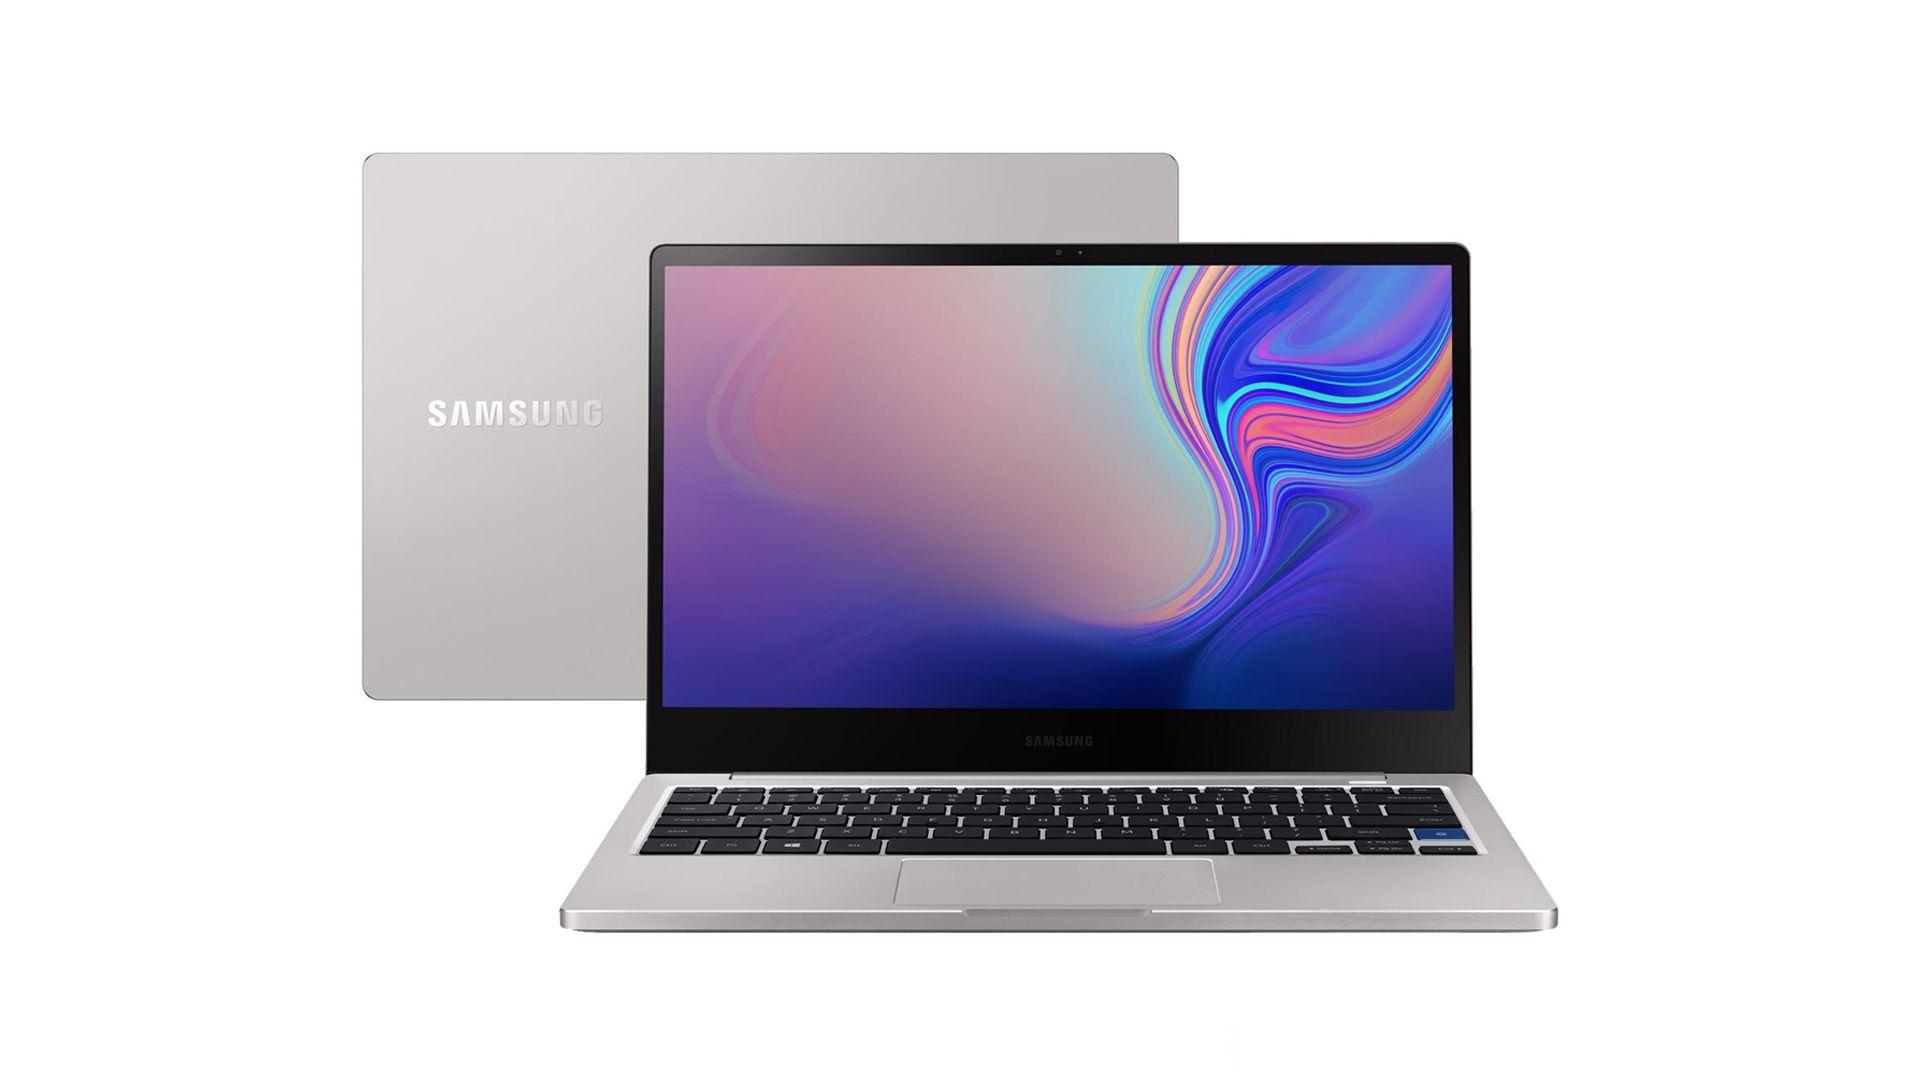 Samsung Style S51 com Intel Core i5 oferece bom desempenho para editores. (Foto: Divulgação/Samsung)